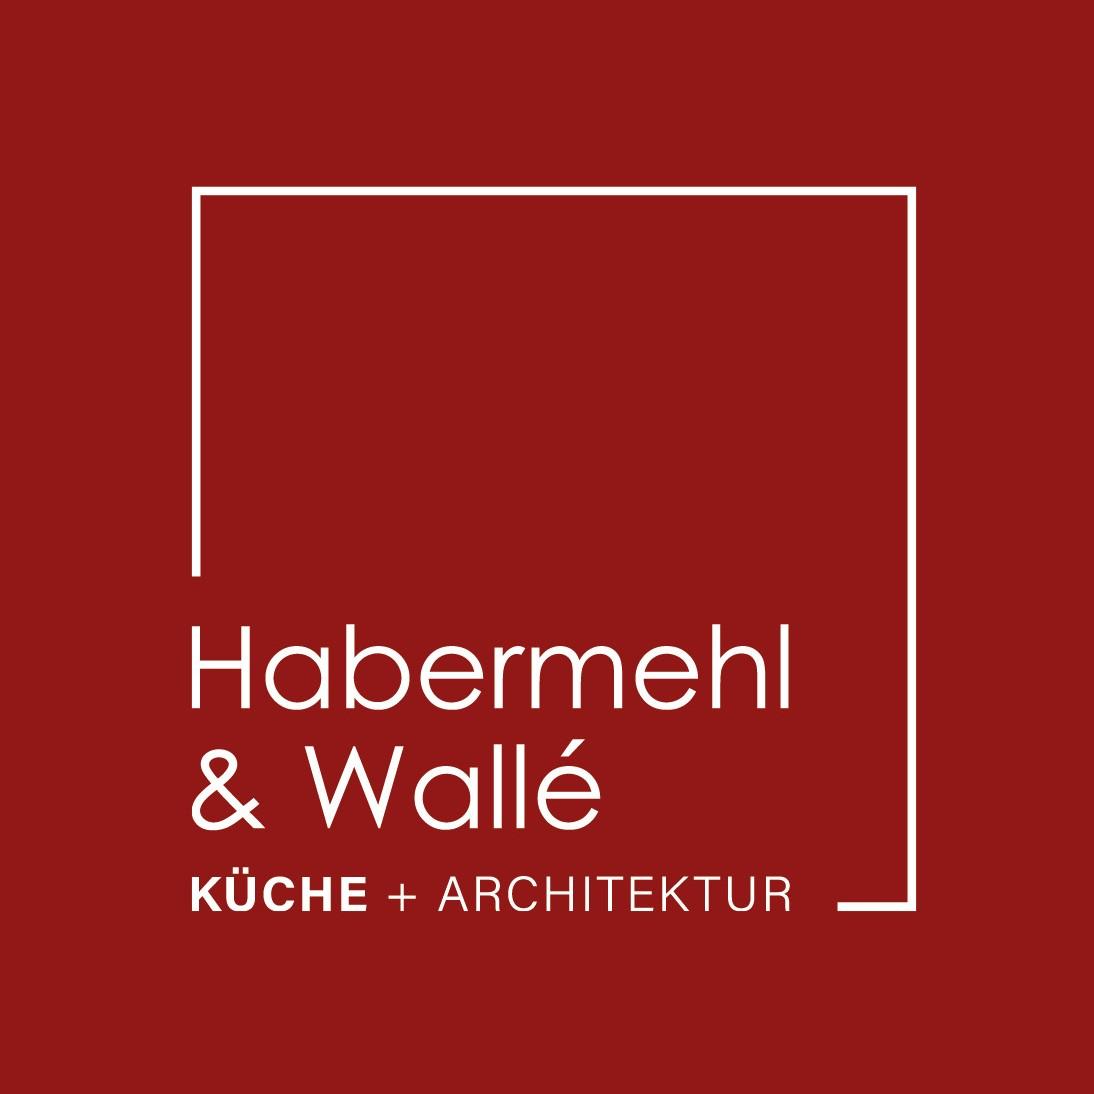 Habermehl & Wallé | Küche + Architektur Logo